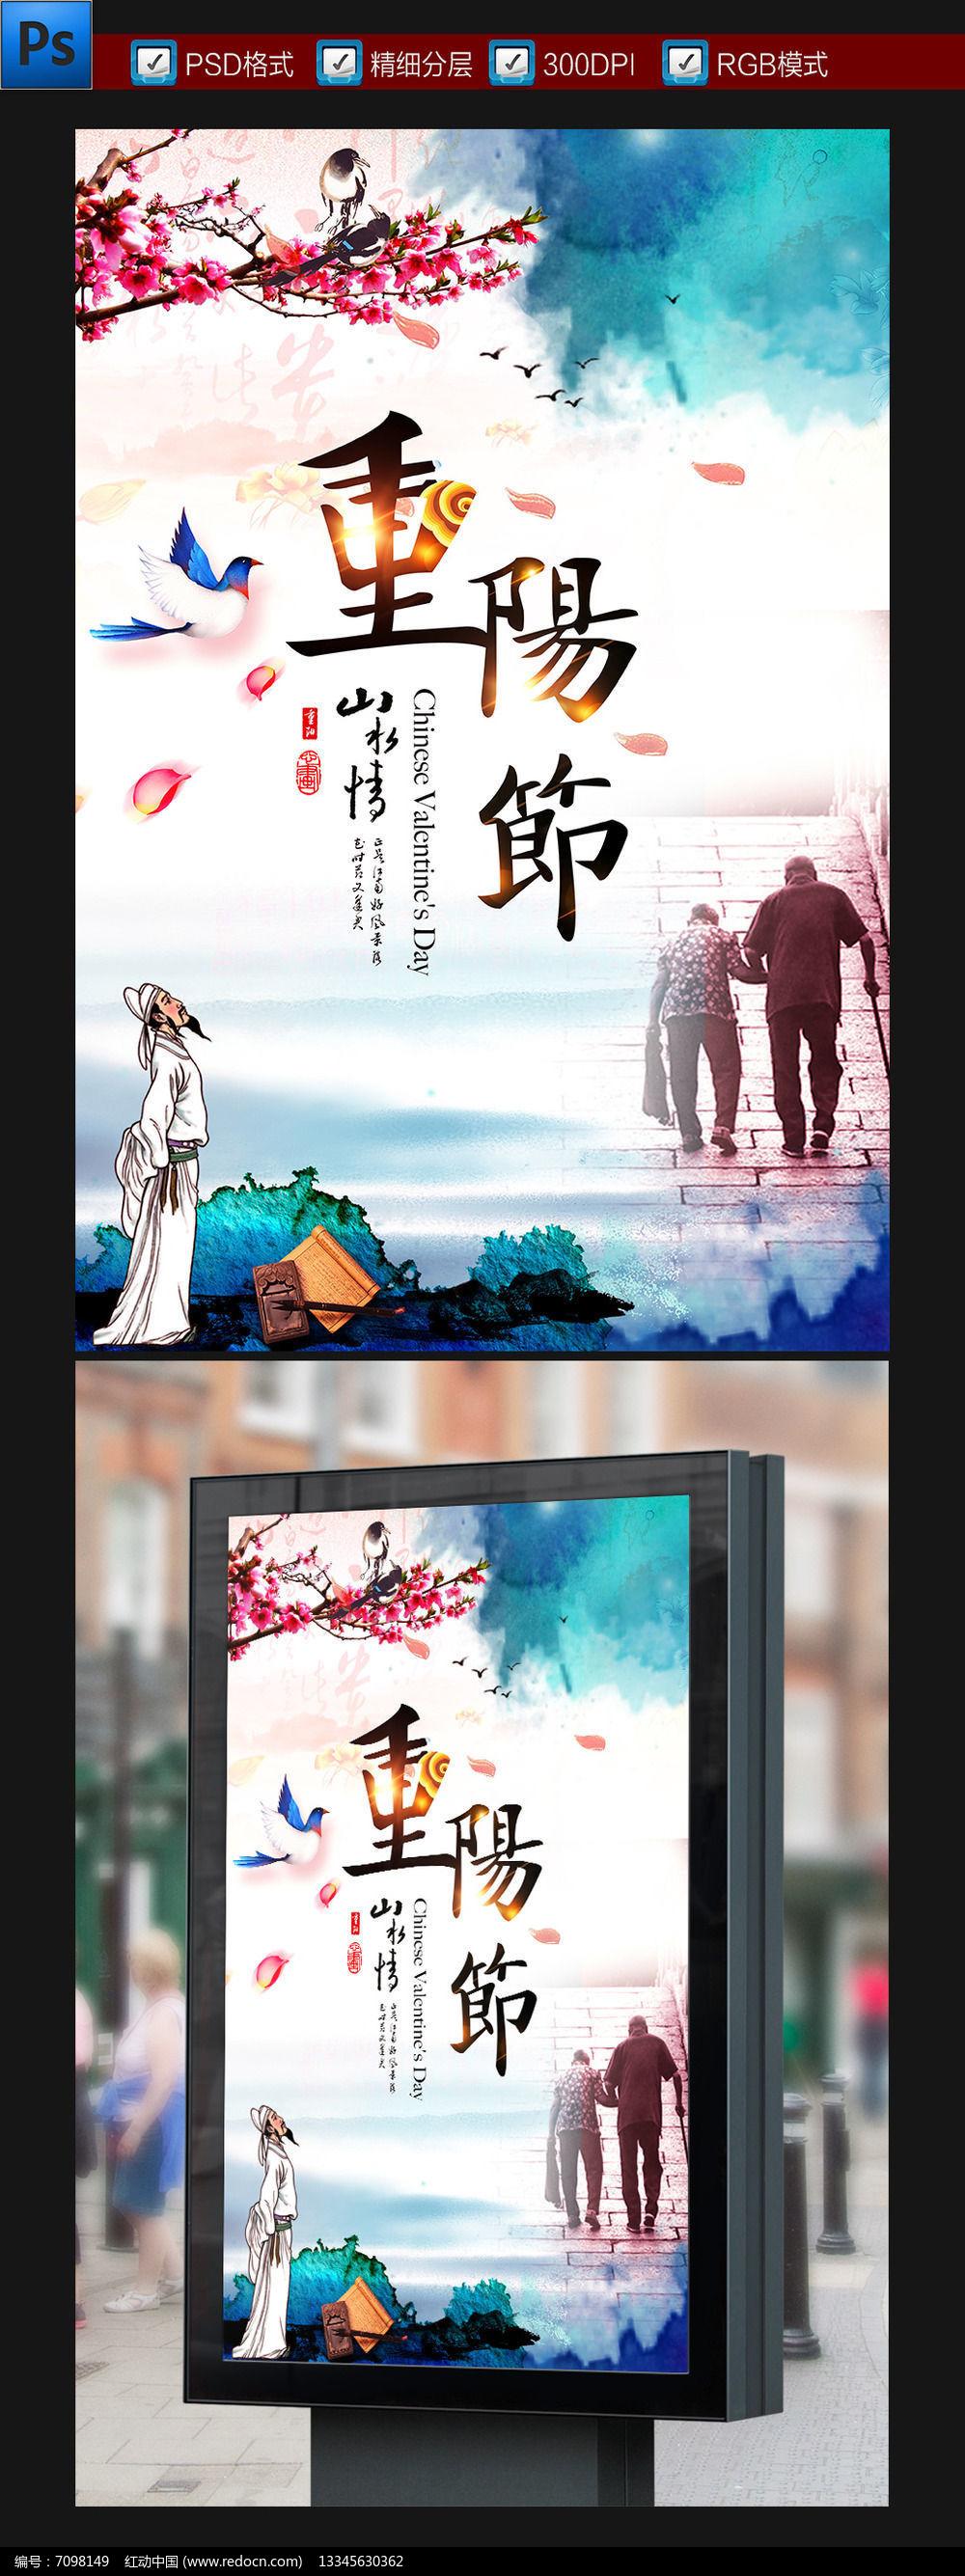 山水画九九重阳节活动海报展板